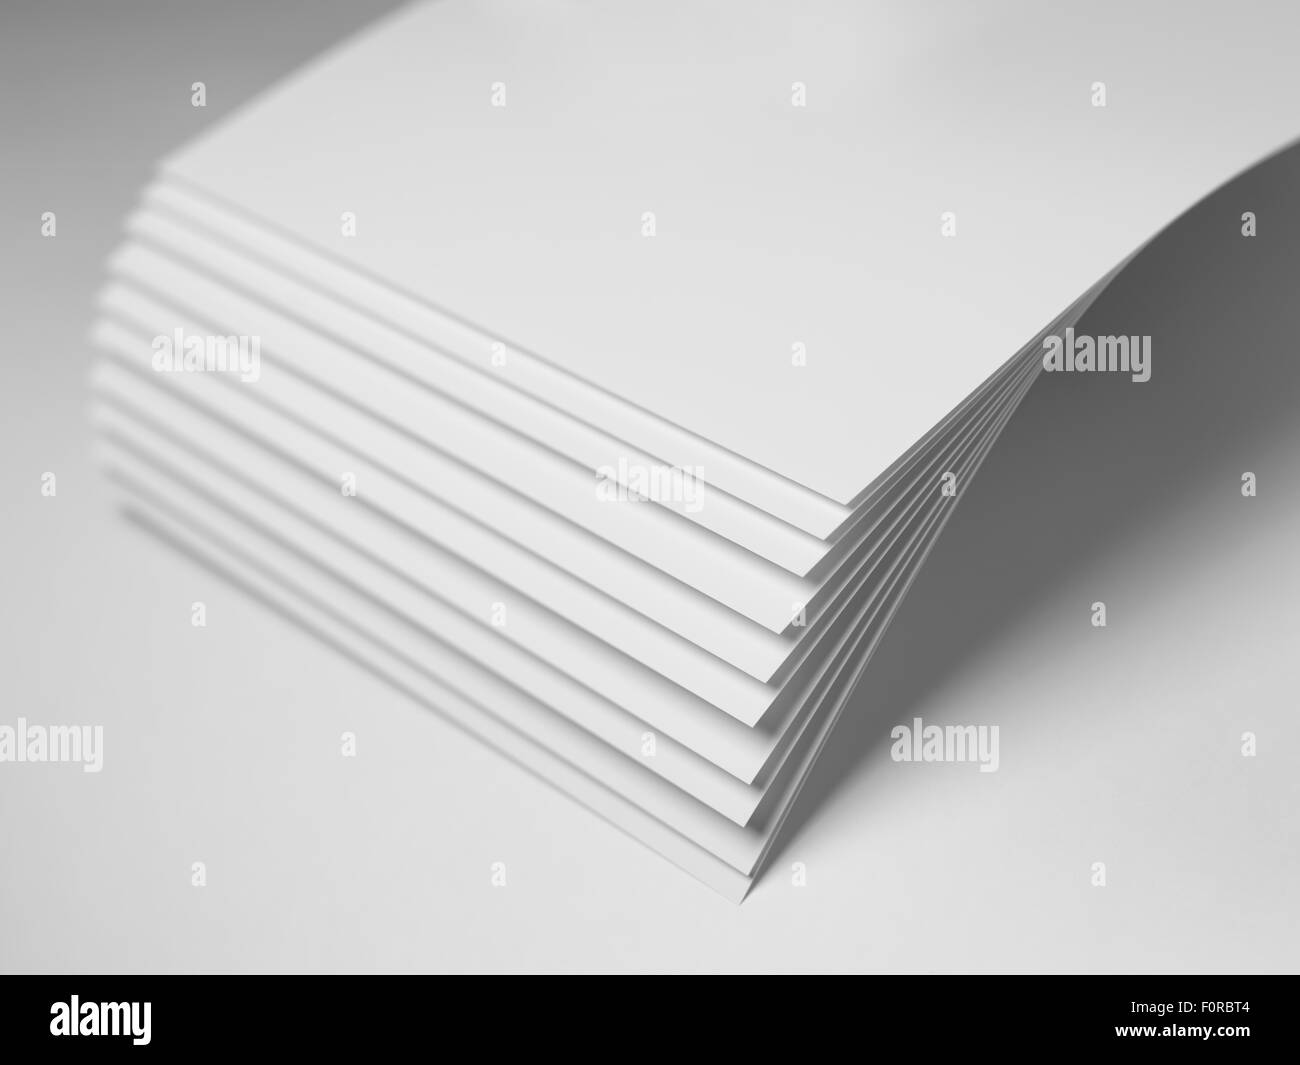 Nahaufnahme Foto von weißes Papier mit flachen Schärfentiefe und Fokus auf die Ecken und aufgefächert. Stockbild